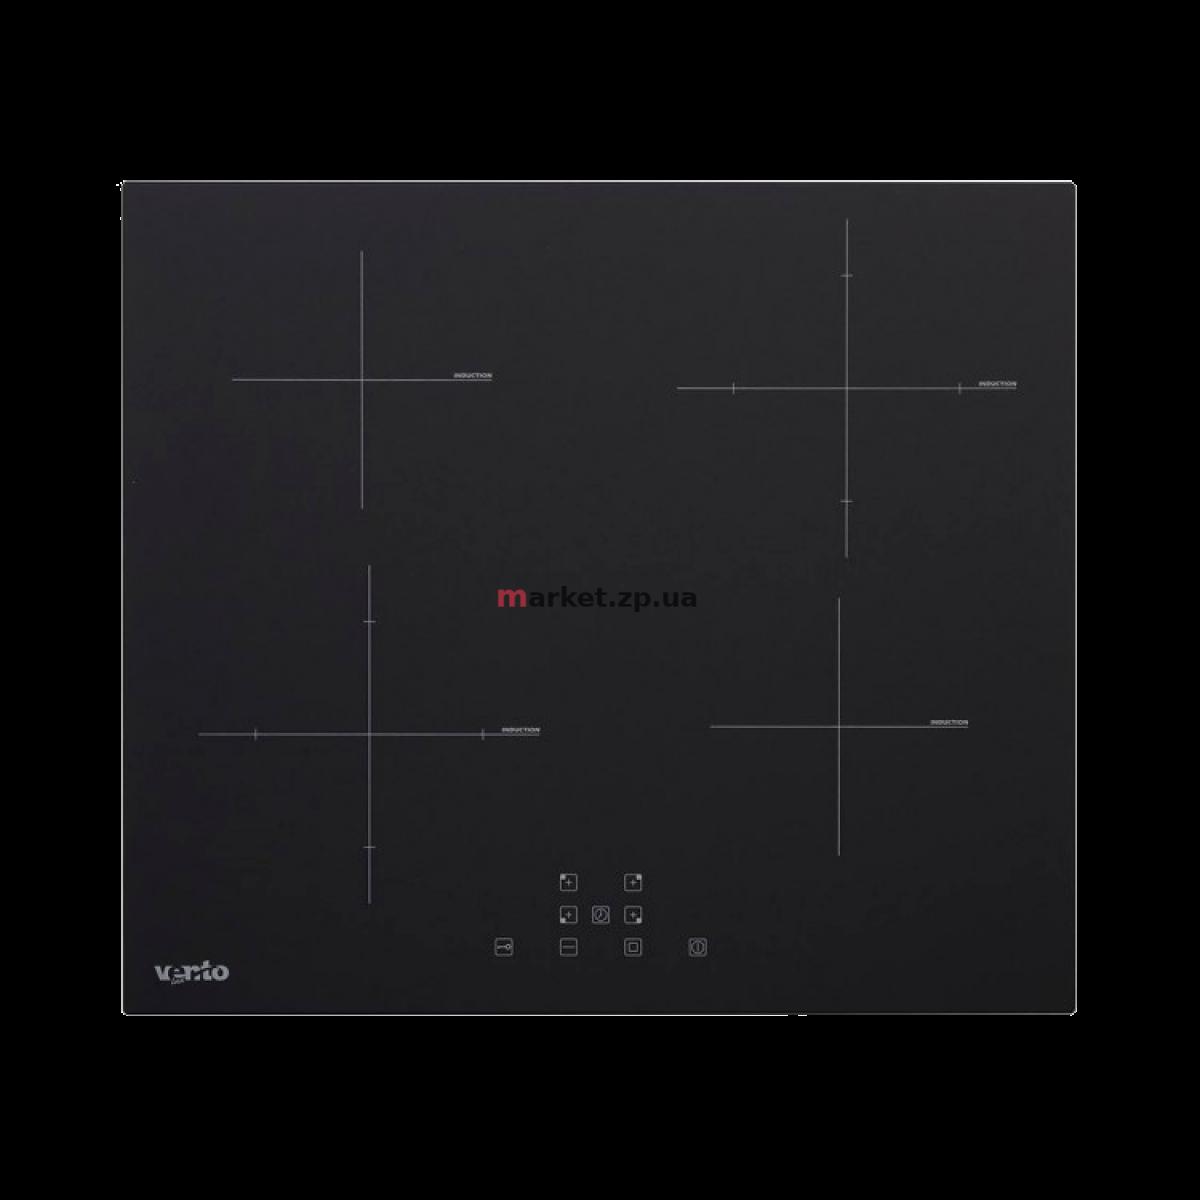 Поверхность индукционная VENTOLUX VI 64 TC